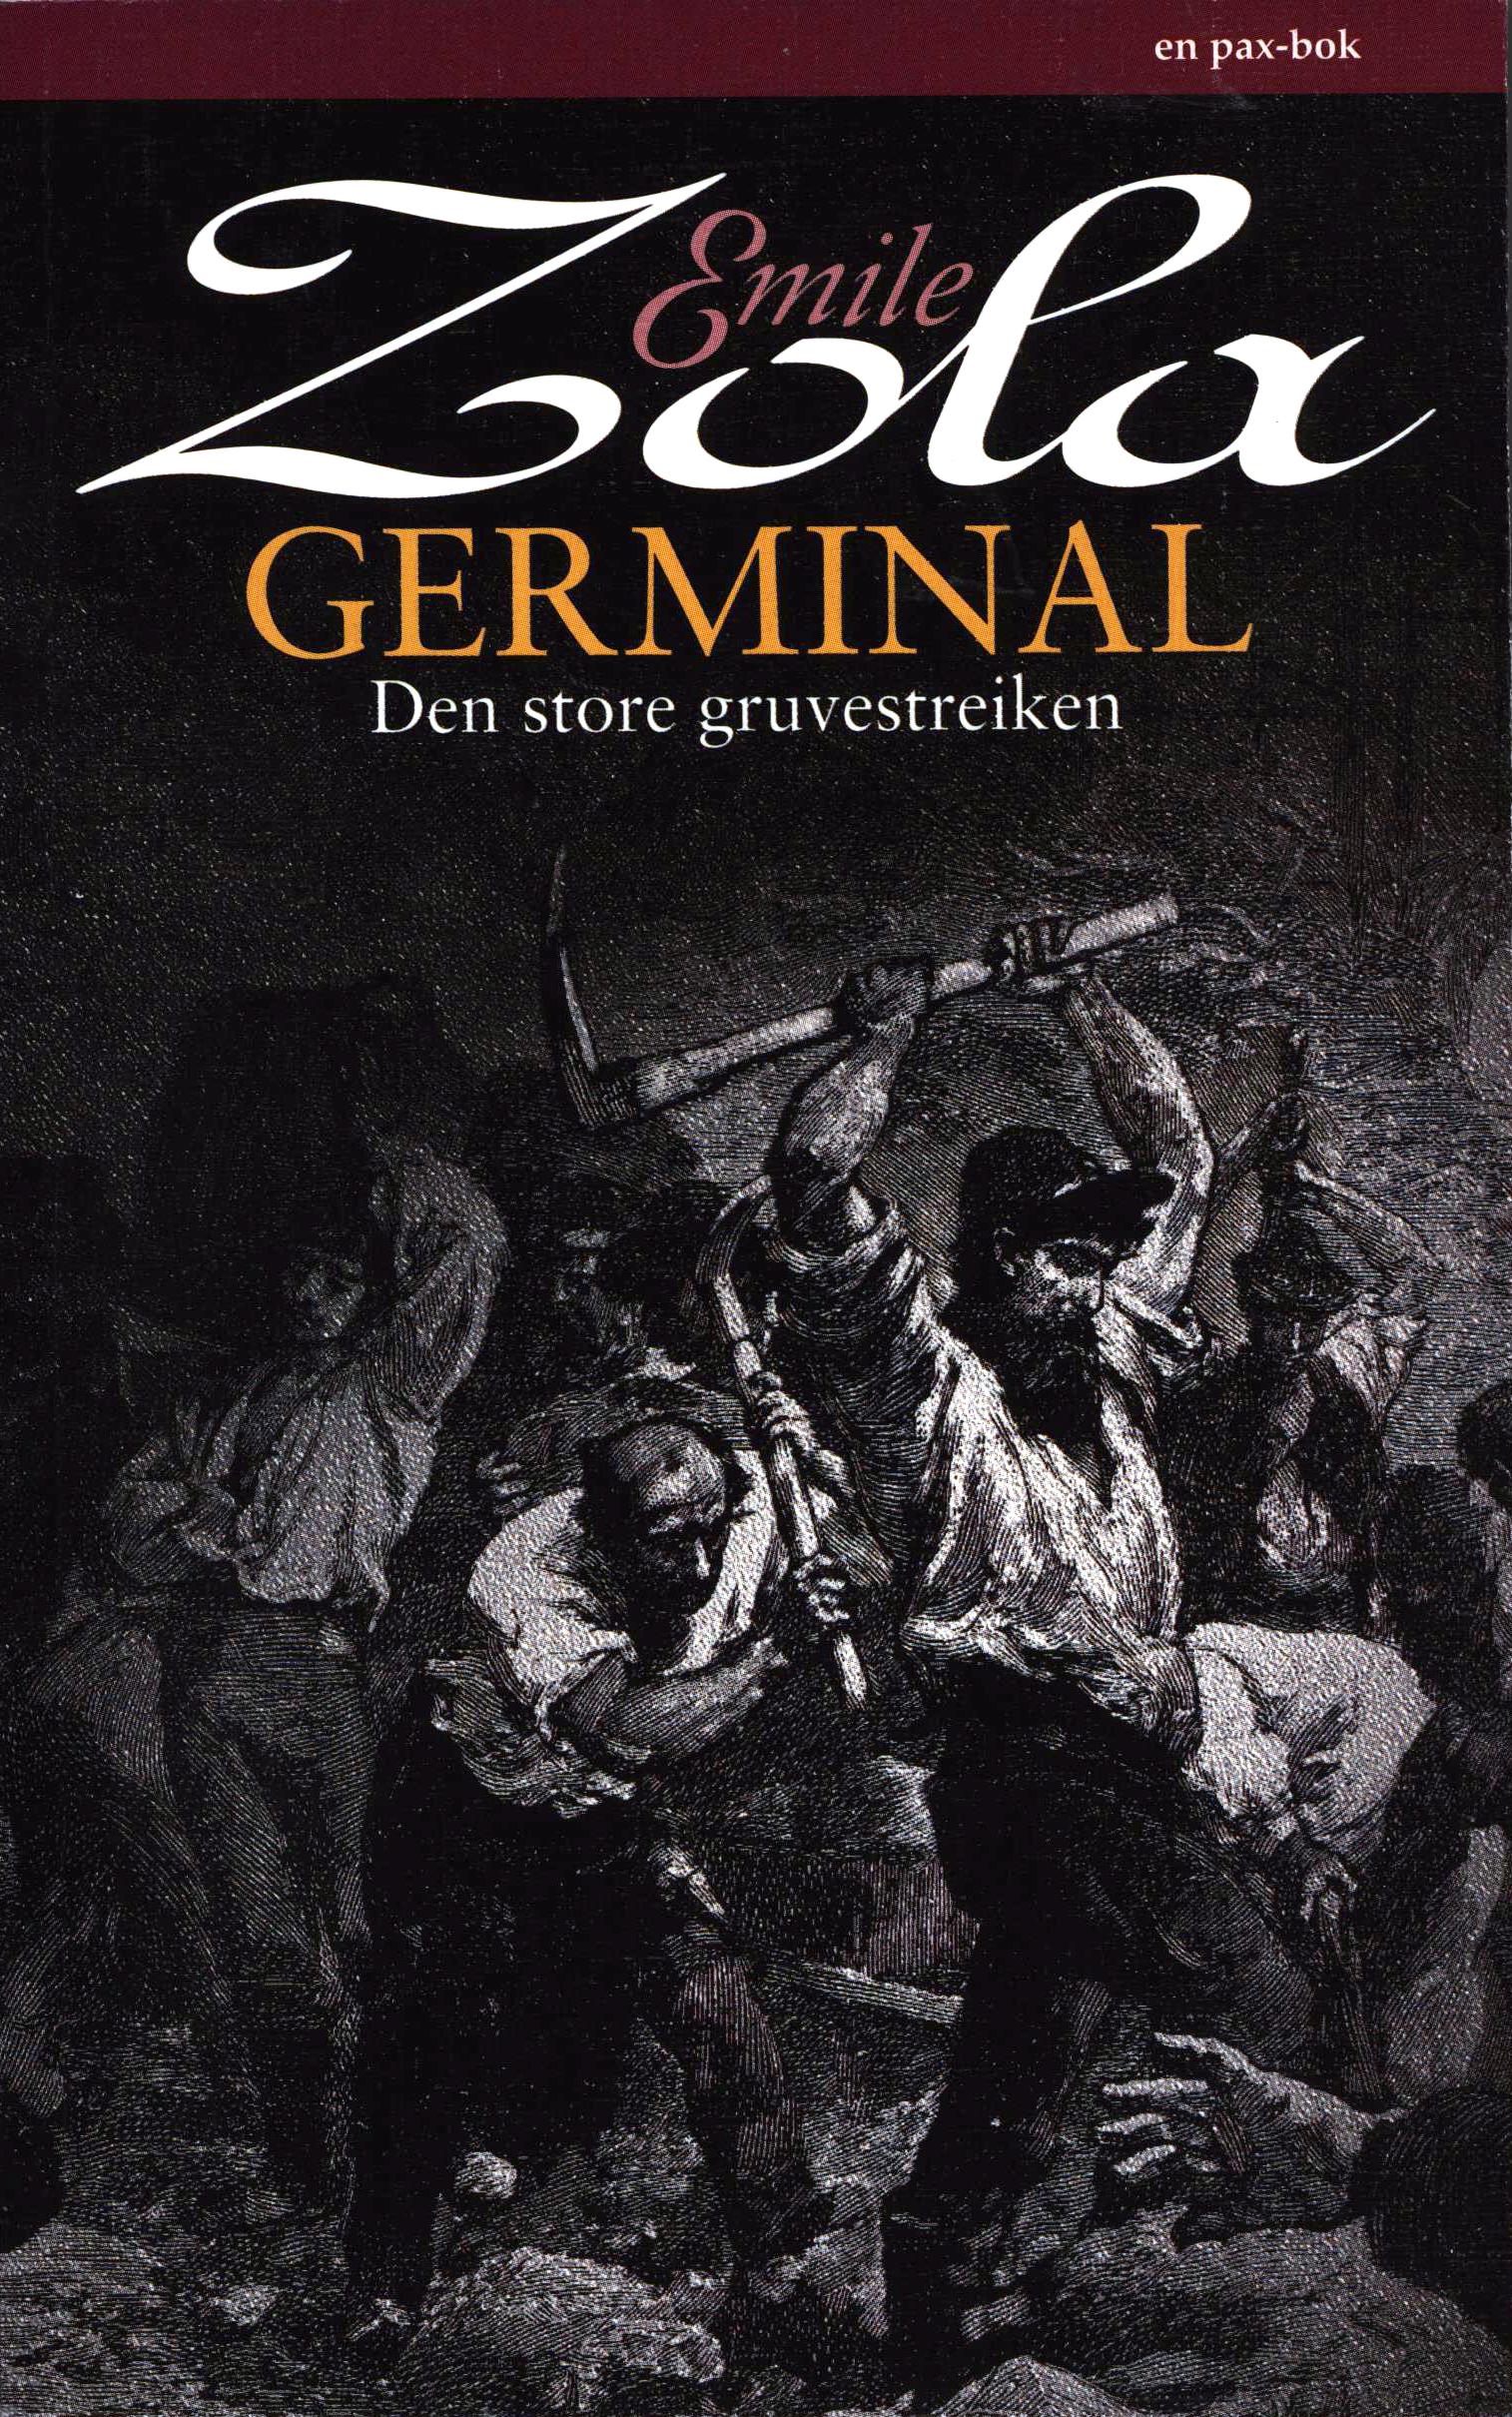 Emile Zola: Germinal - Den store gruvestreiken